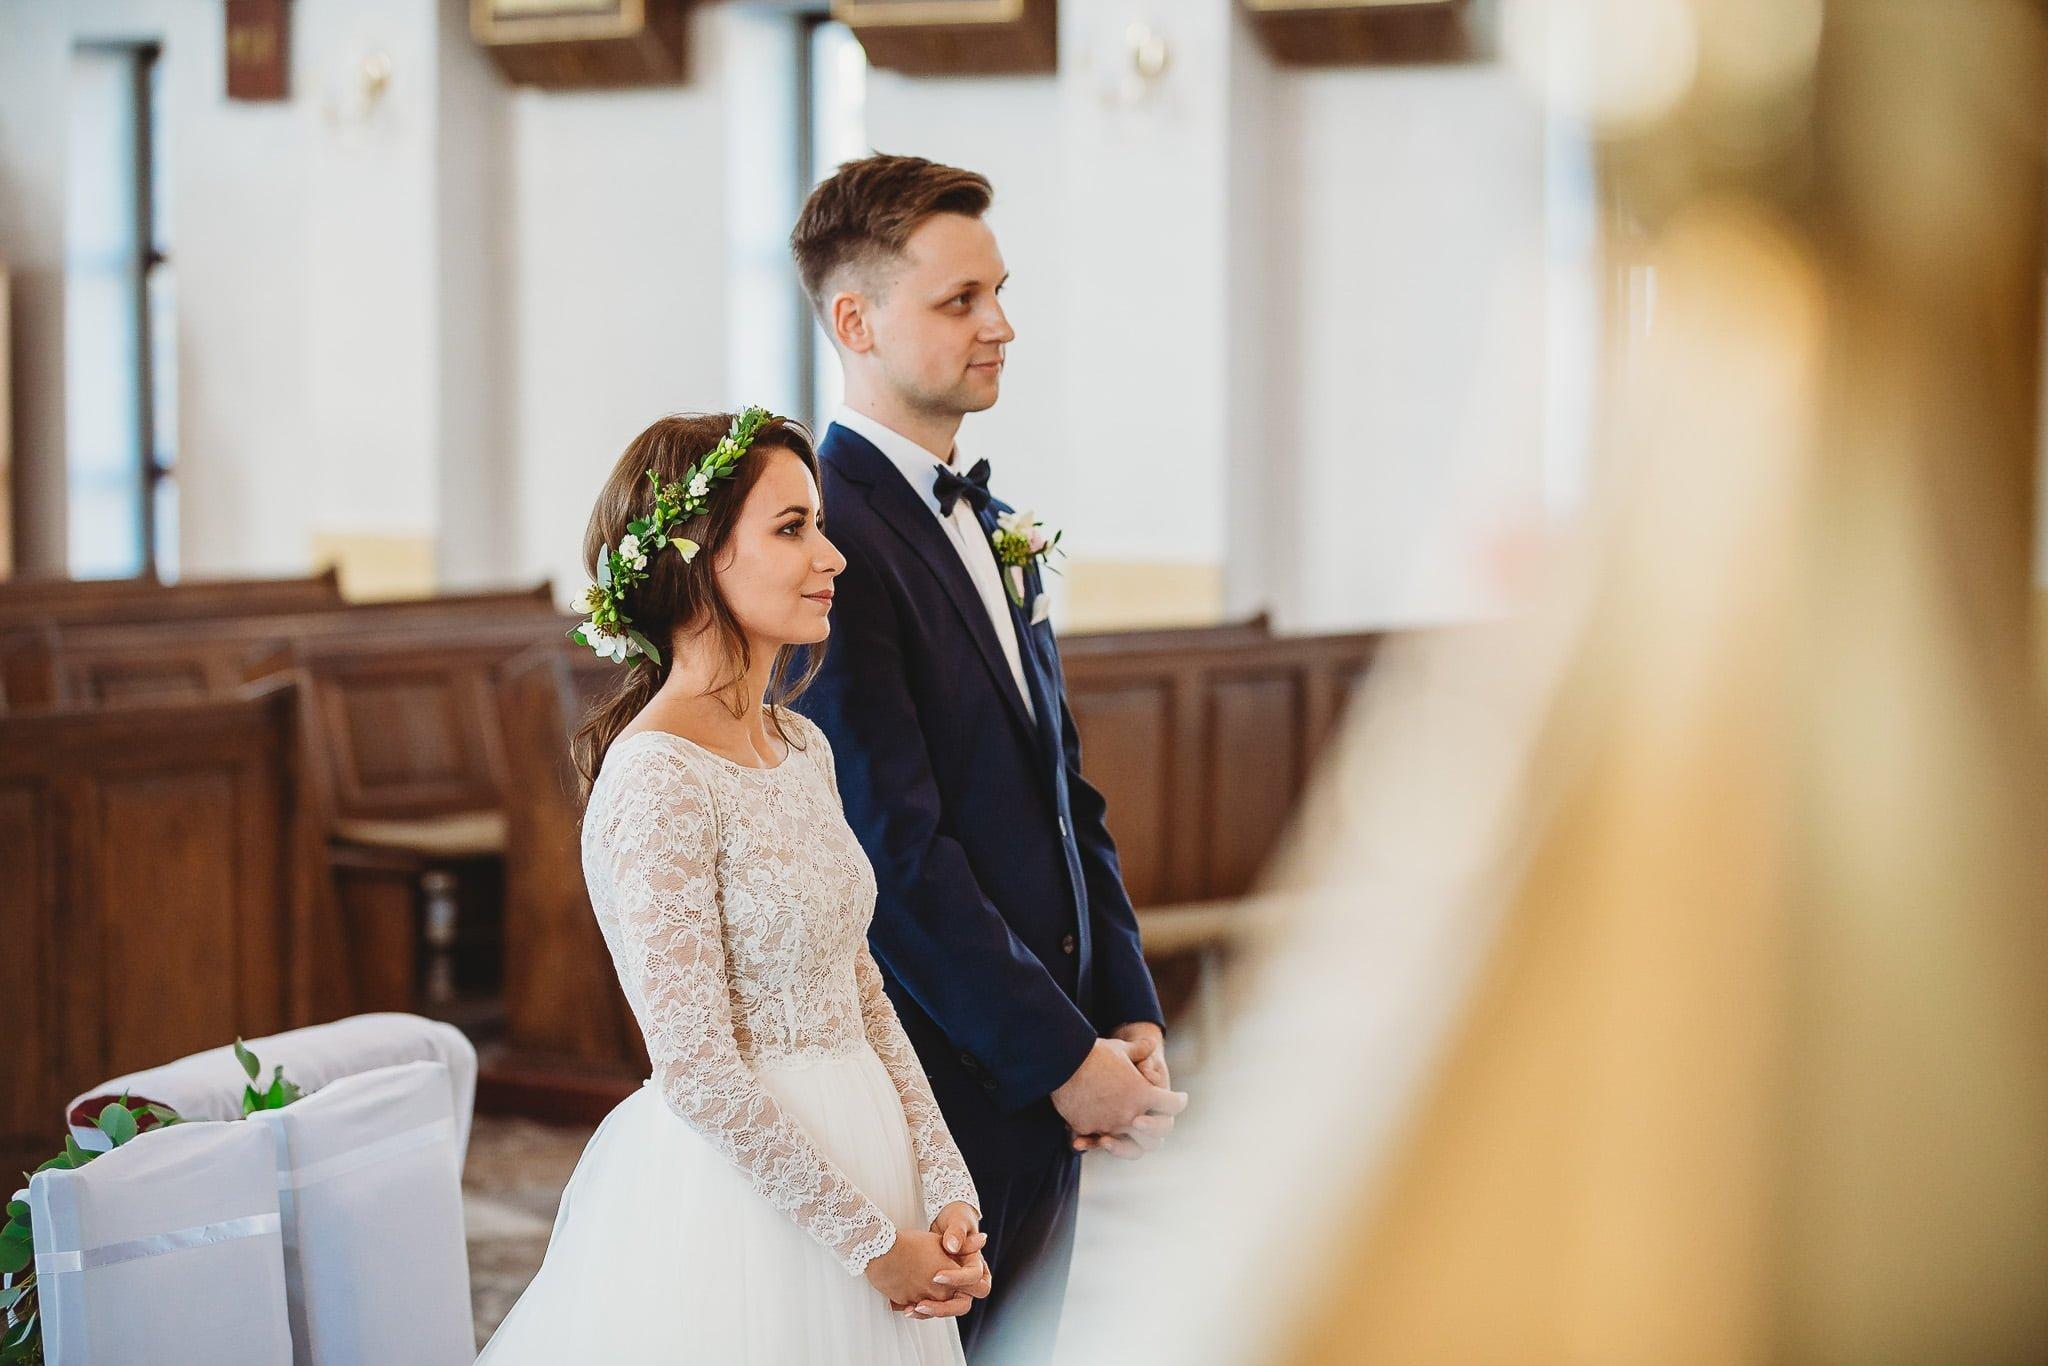 Fantastyczny ślub w stylu rustykalnym, wesele w Kapitańskiej  fotograf ślubny Konin 101